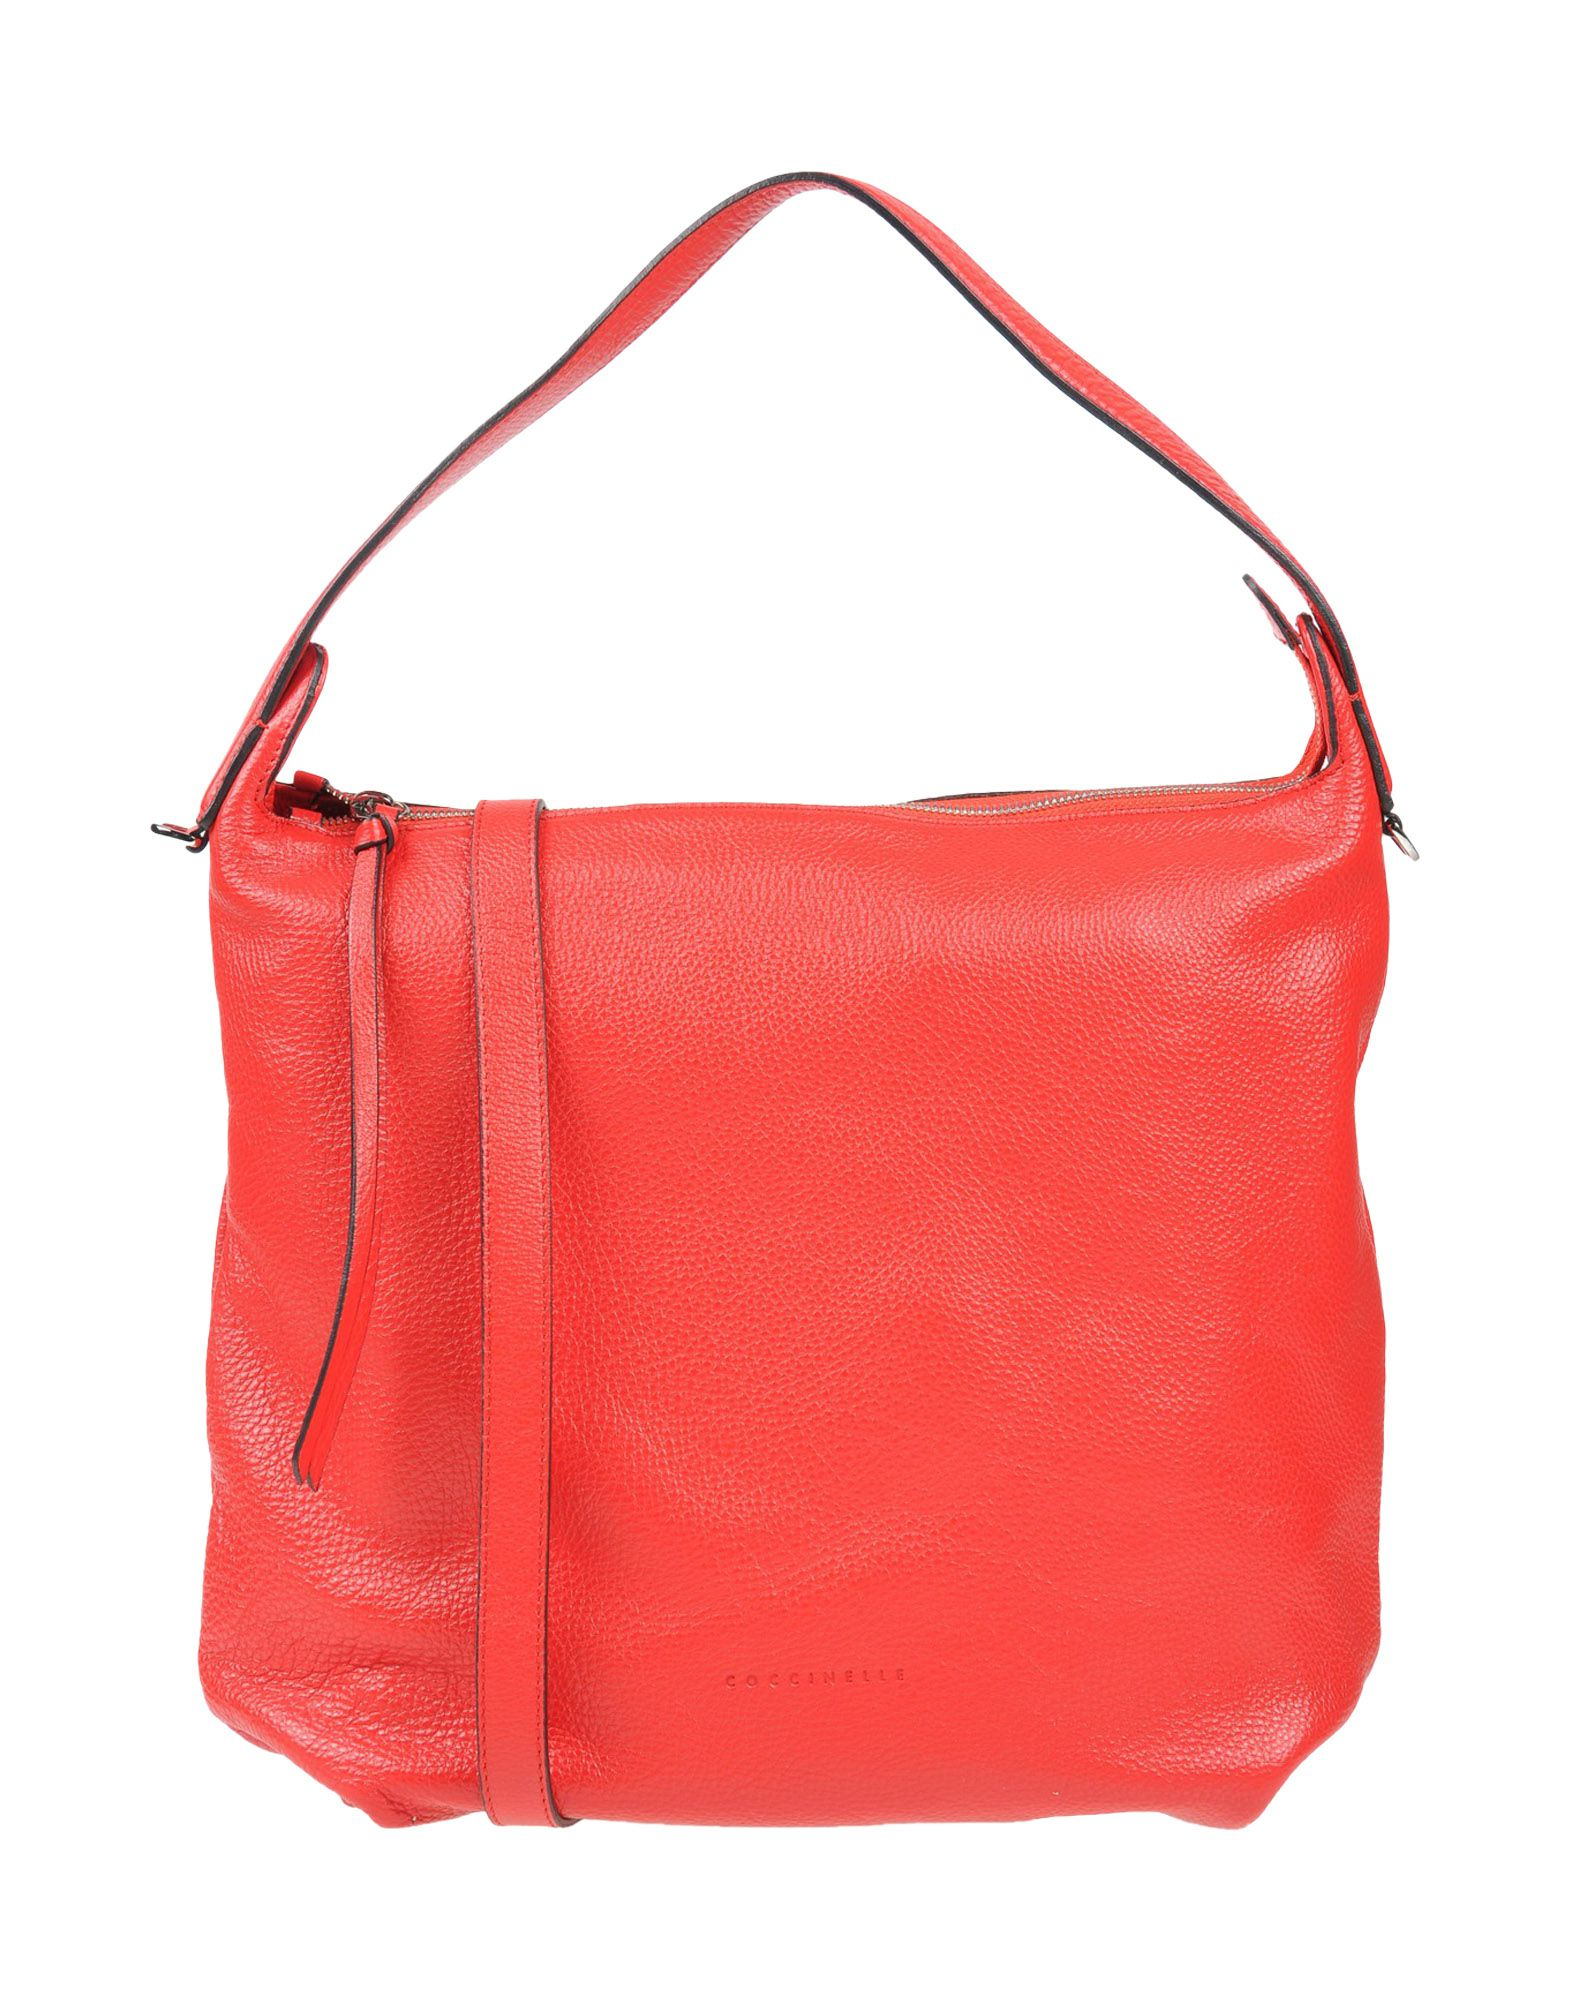 COCCINELLE Сумка на руку сумка coccinelle e1 bd0 18 03 01 757